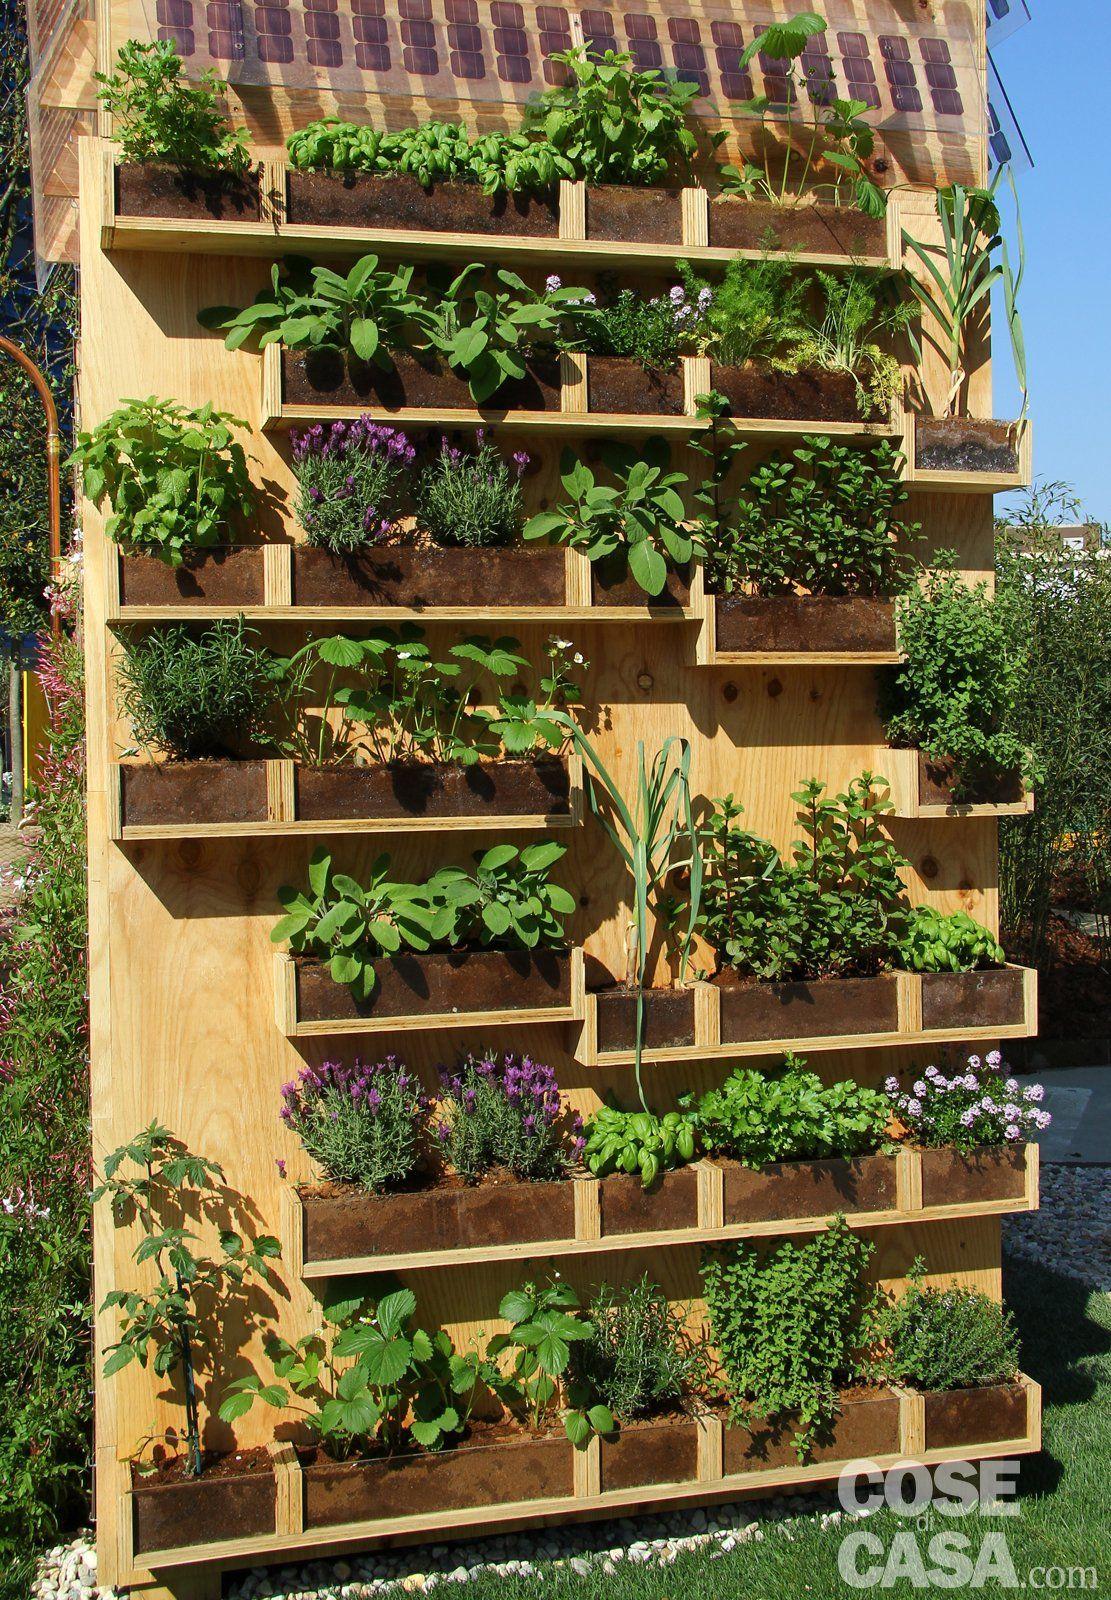 Giardino Di Una Casa una parete di aromatiche in balcone (con immagini